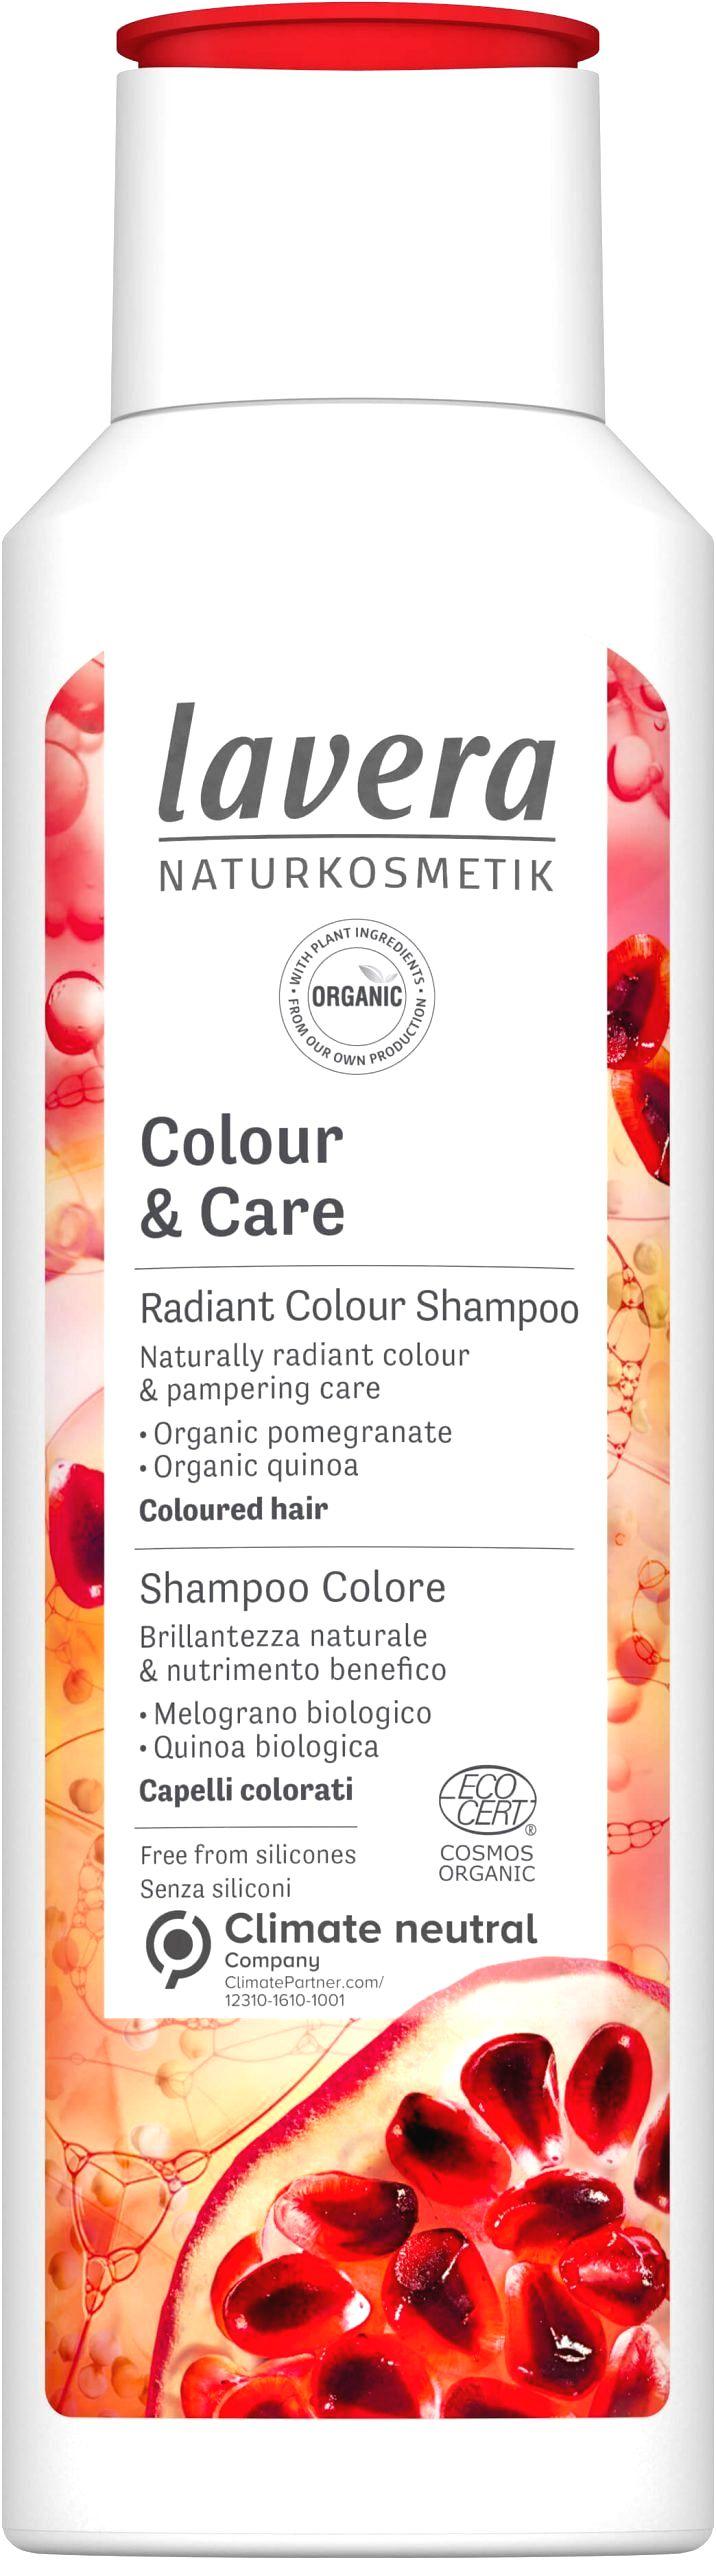 Lavera Šampón pre farbené vlasy Colour & Care (Shampoo) 250 ml